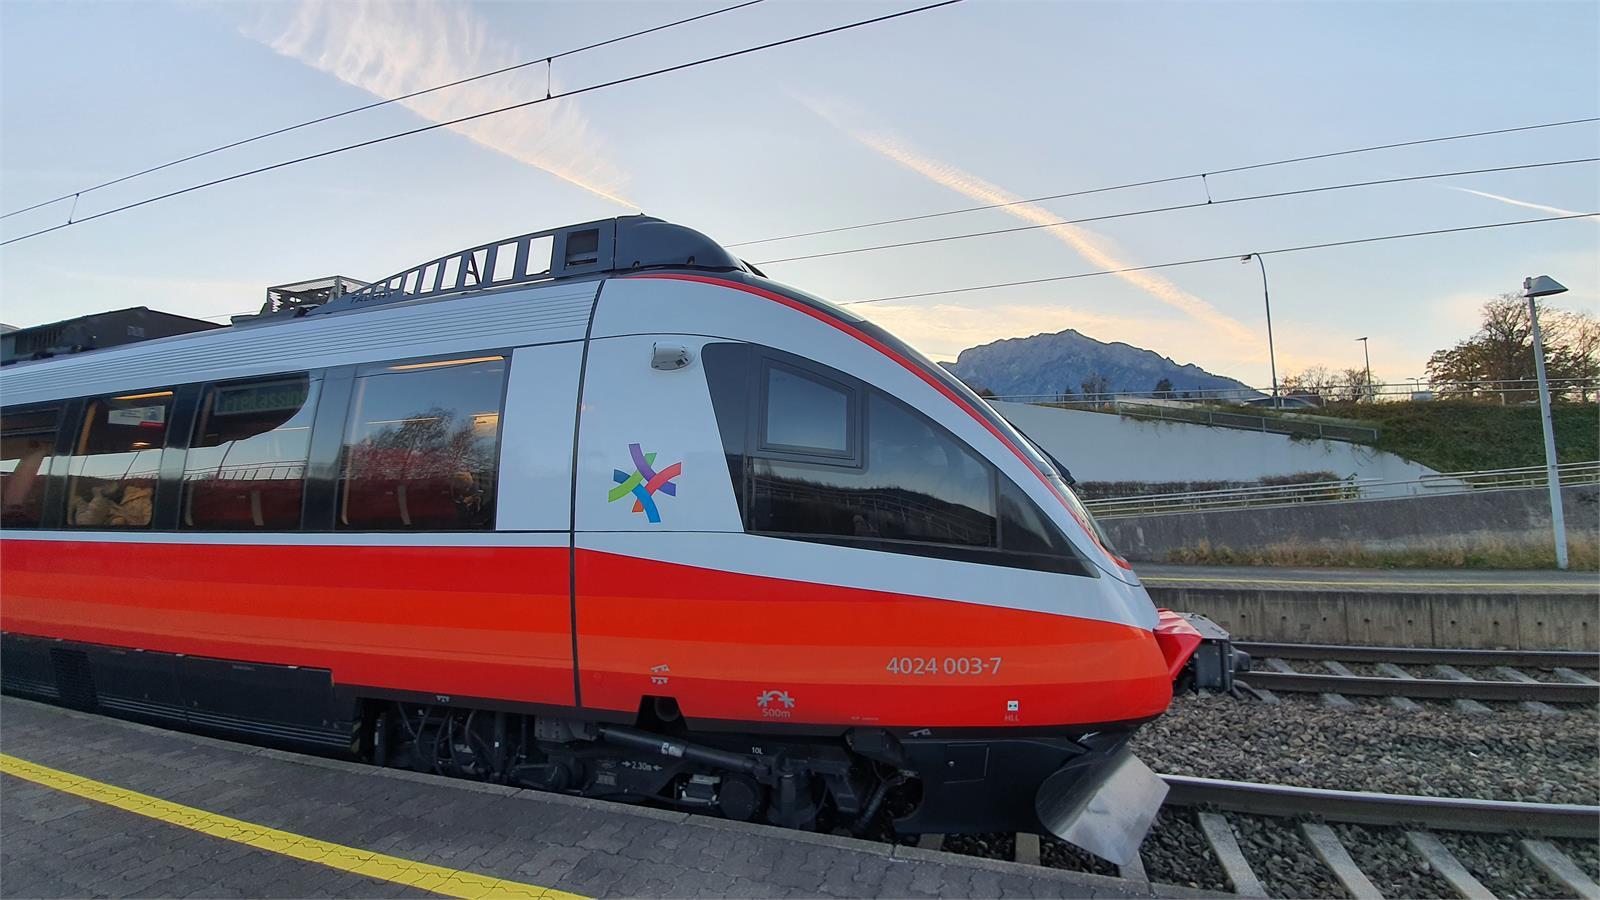 Bahnhof in Puch Urstein   ©TVB Puch